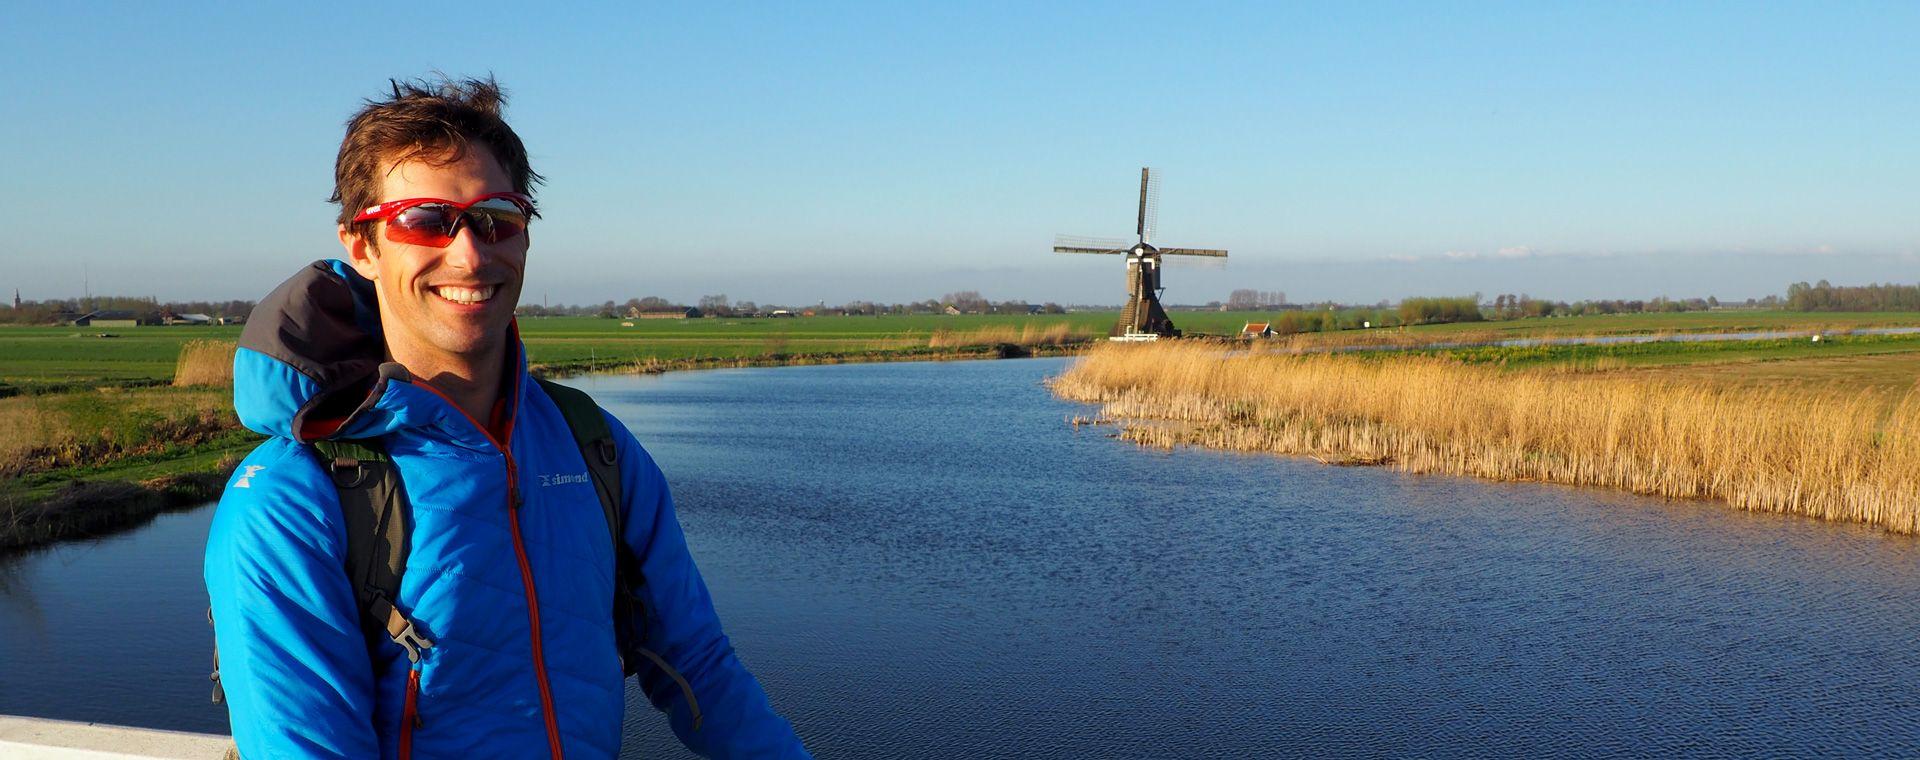 Image D'Amsterdam à Bruges à vélo & bateau, c'est Magnifique !